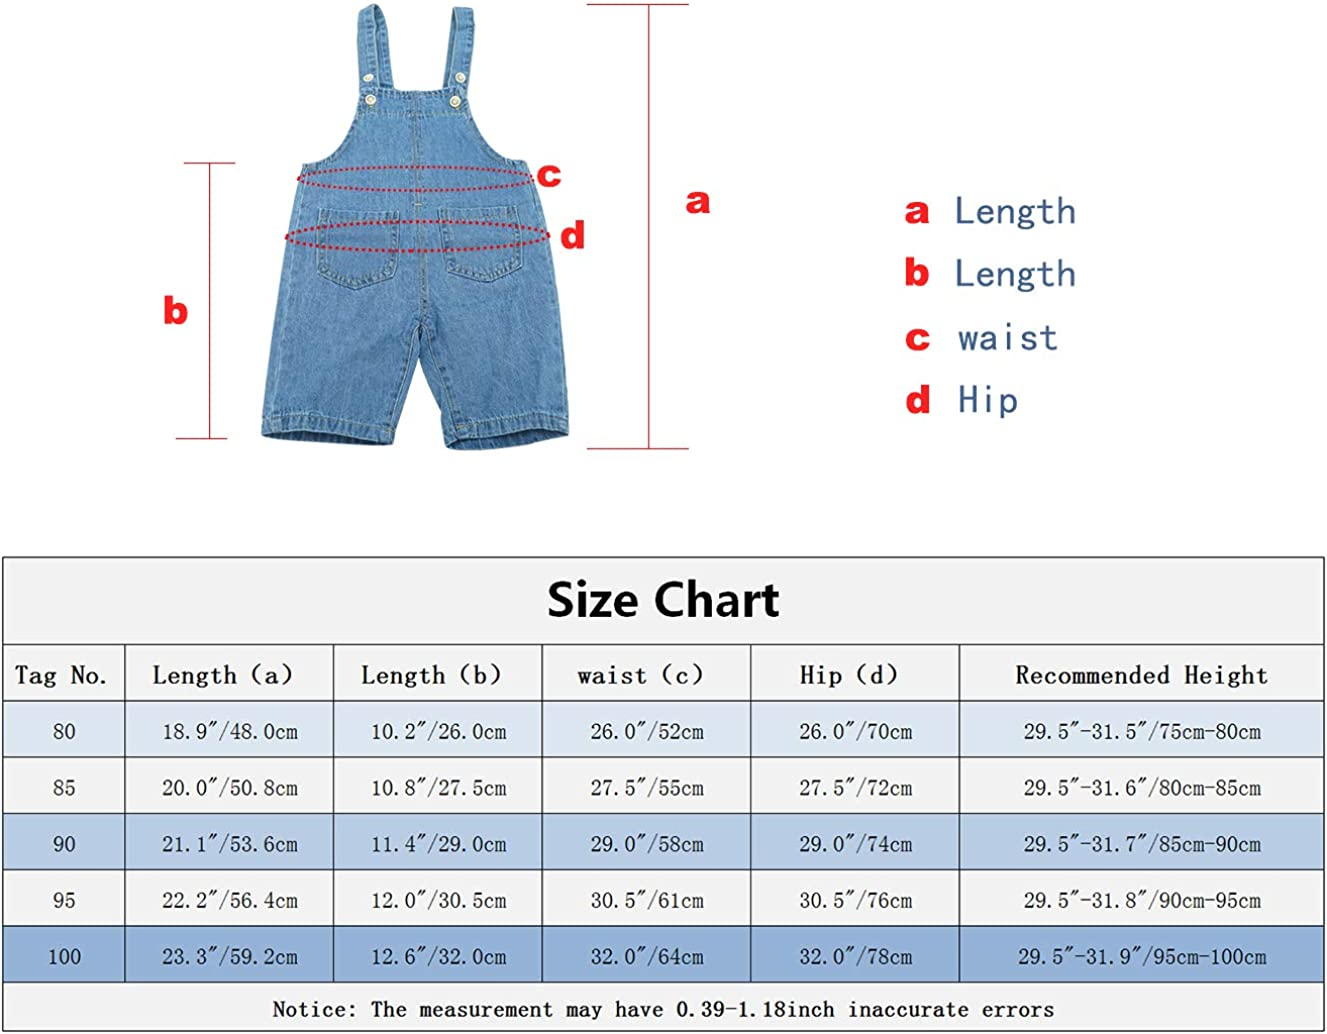 FEOYA Salopette Jeans Corta Bimbo Bambina Abbigliamento Bambino Tuta Bermuda Ragazze Ragazzi Pantaloni Bretelle